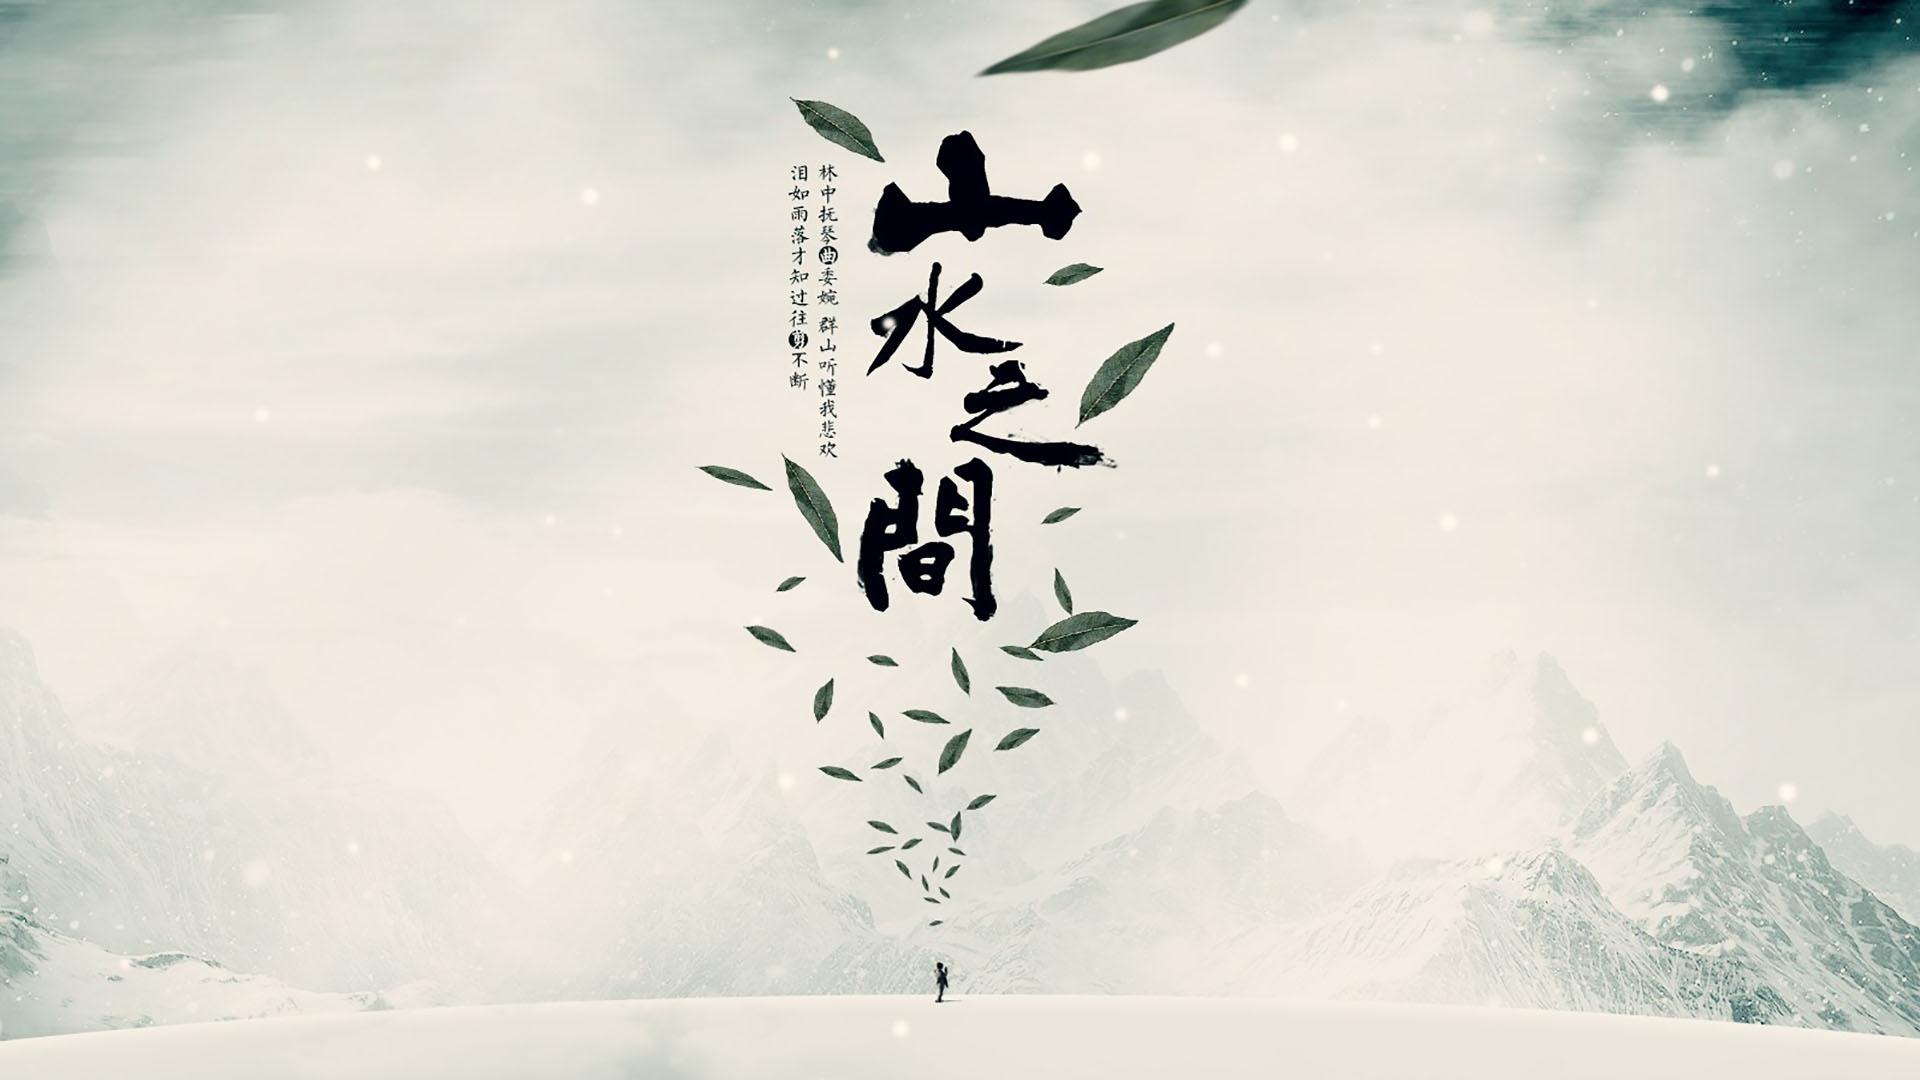 Hình nền thư pháp chữ Hán